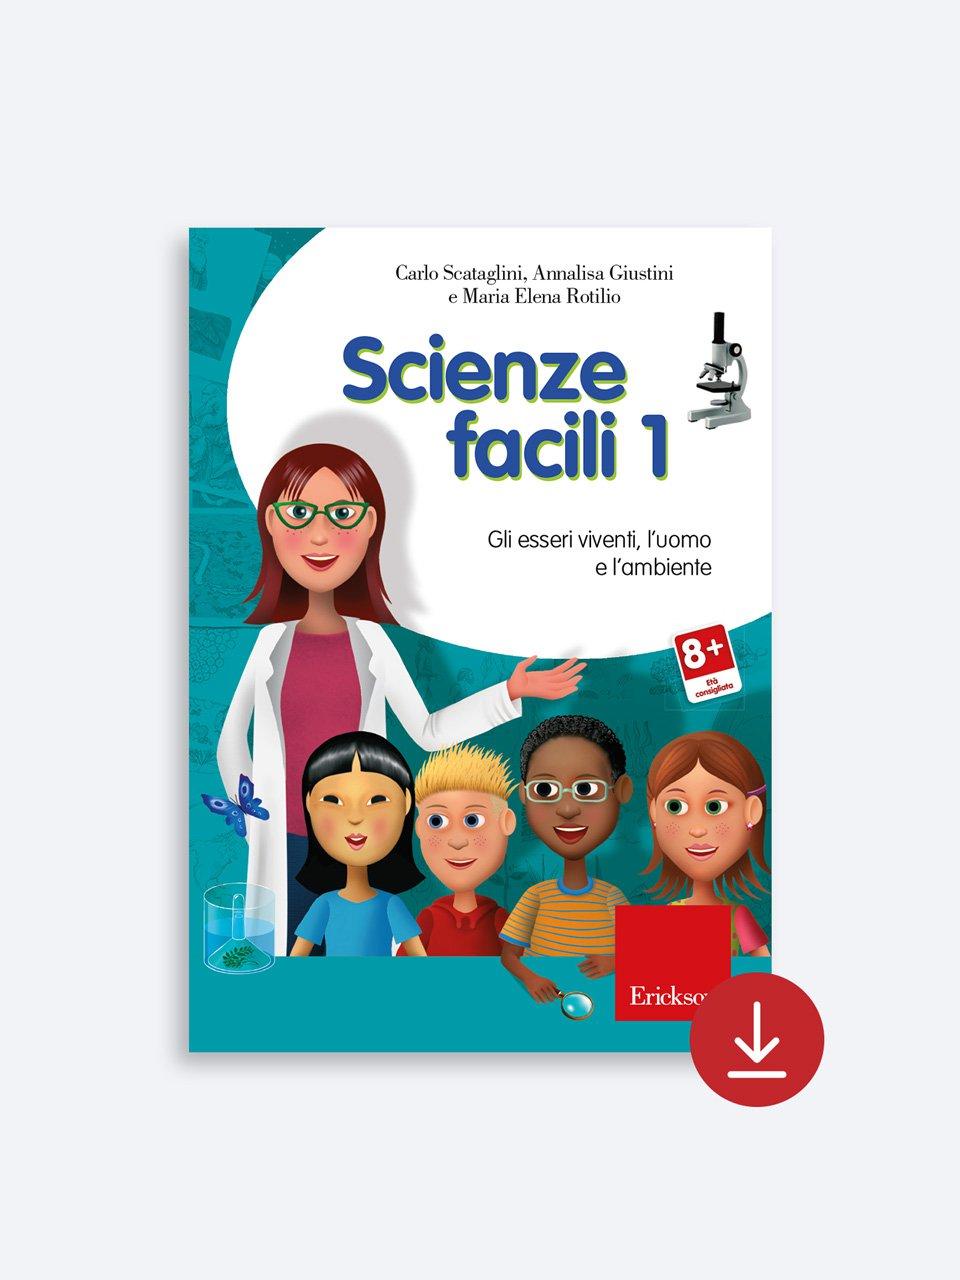 Scienze facili - Mia nonna era un pesce - Libri - Erickson 2